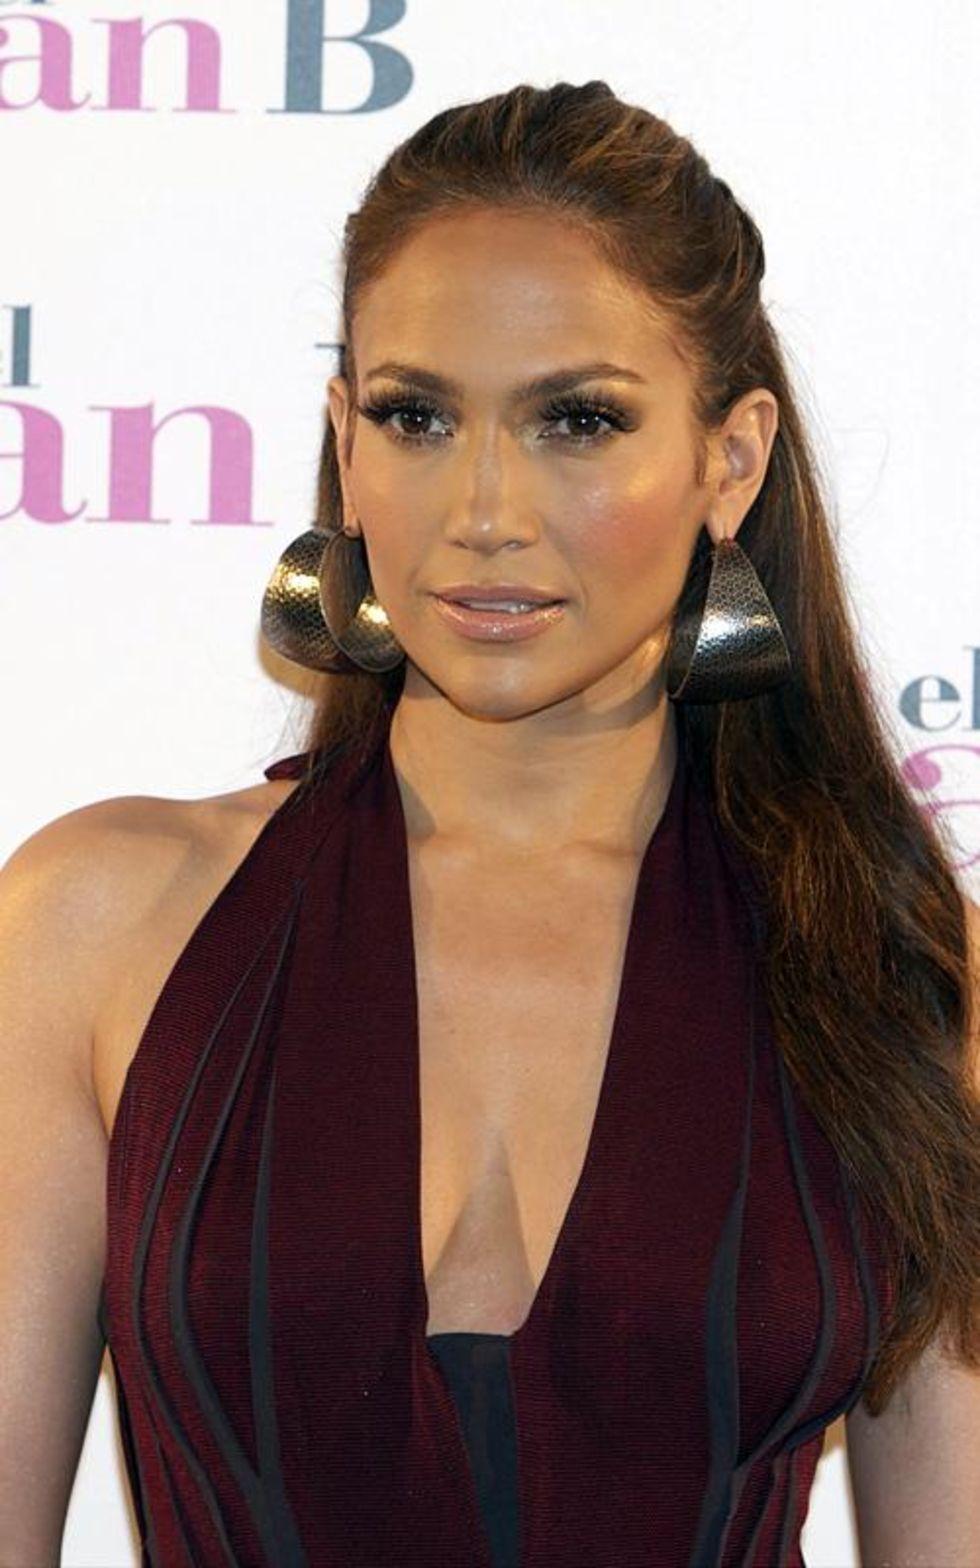 Jennifer Lopez 2010 : jennifer-lopez-candids-in-spain-04